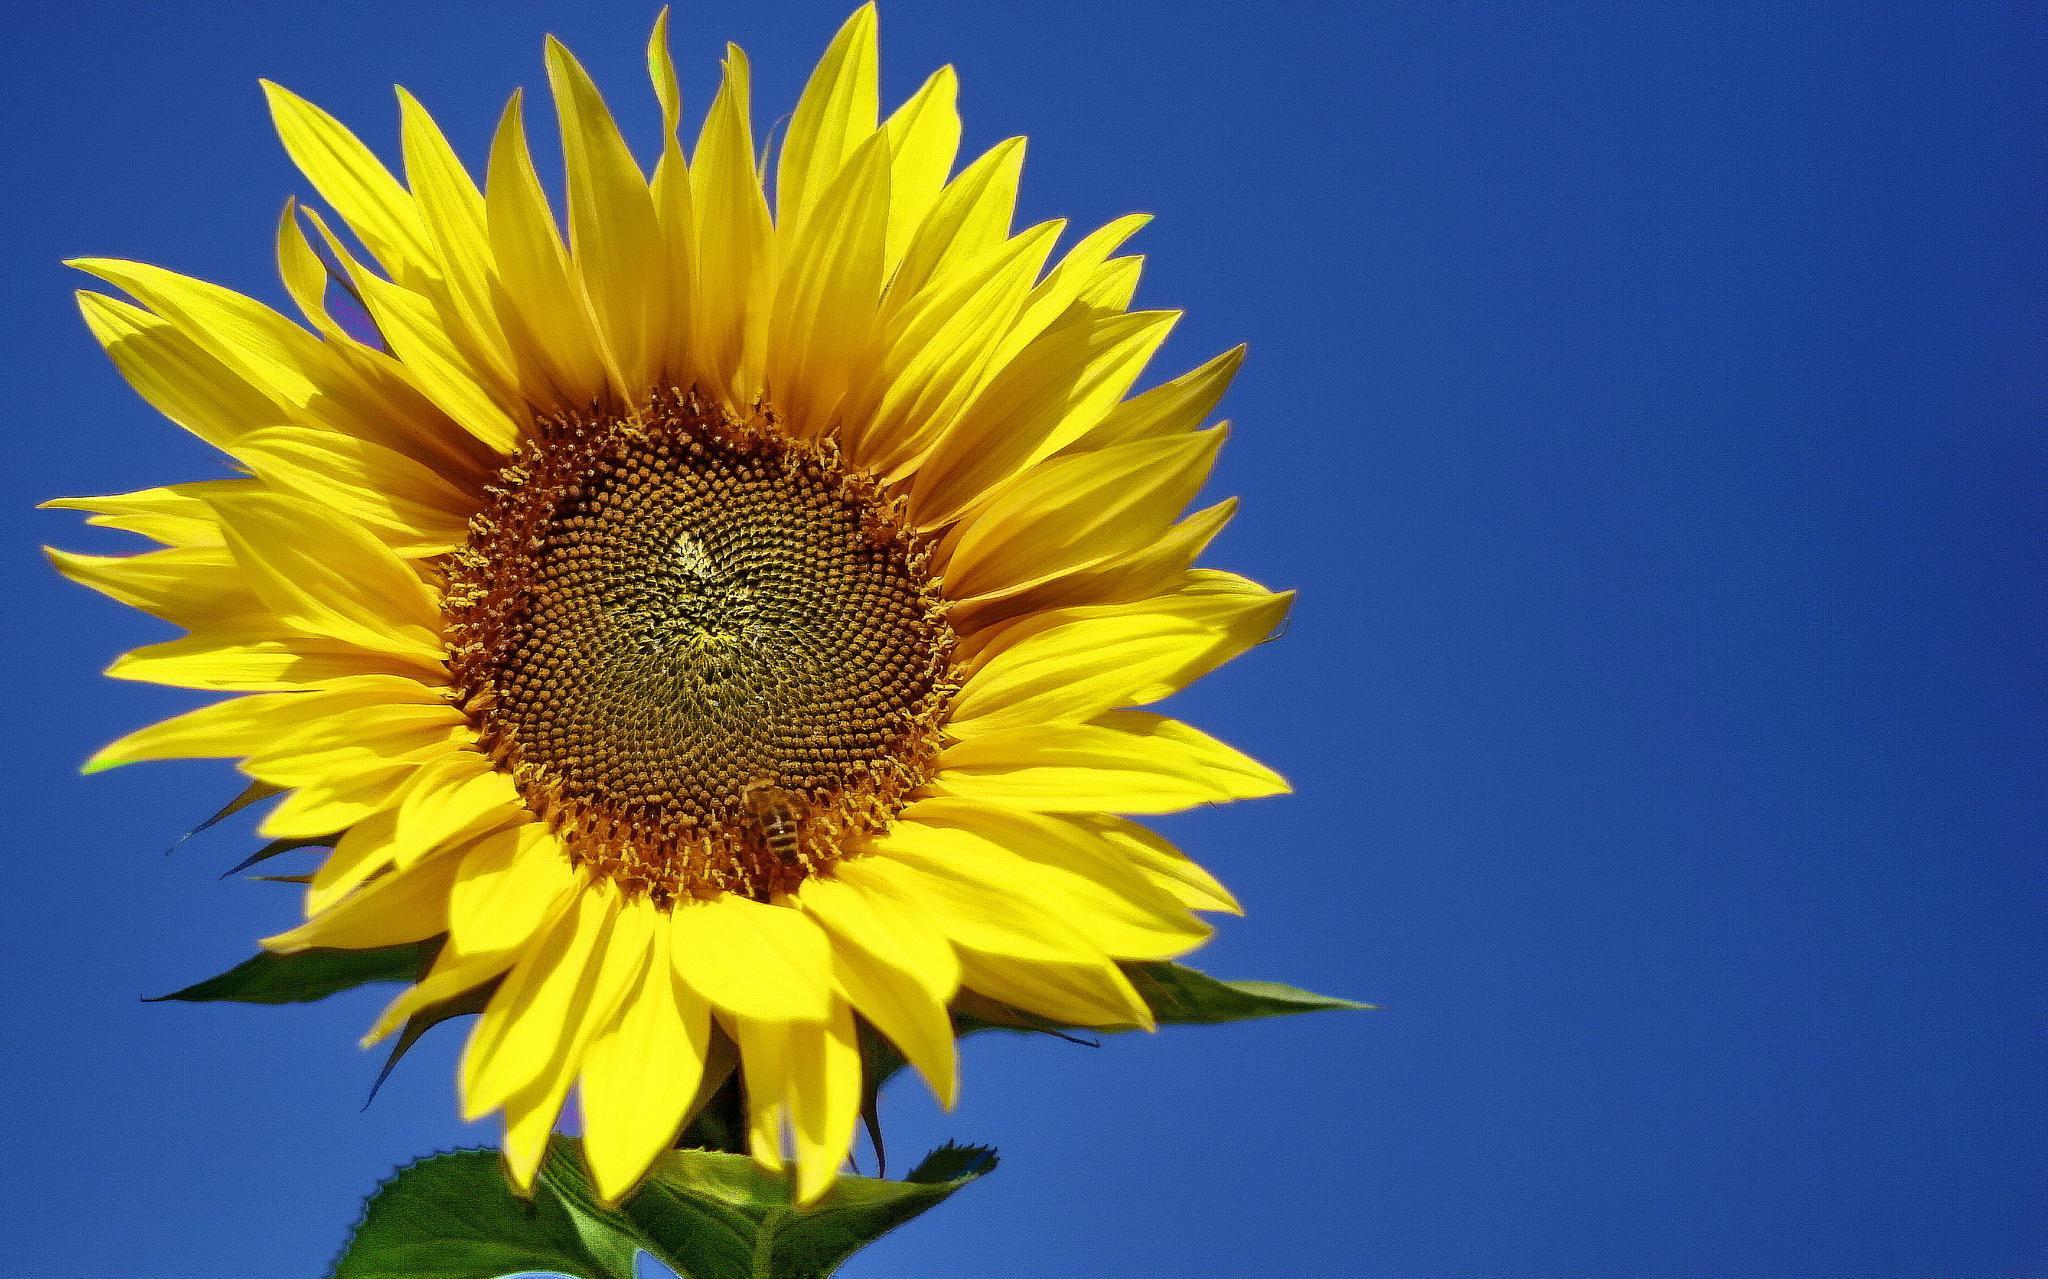 little bee on sunflower by BernardaBizjak